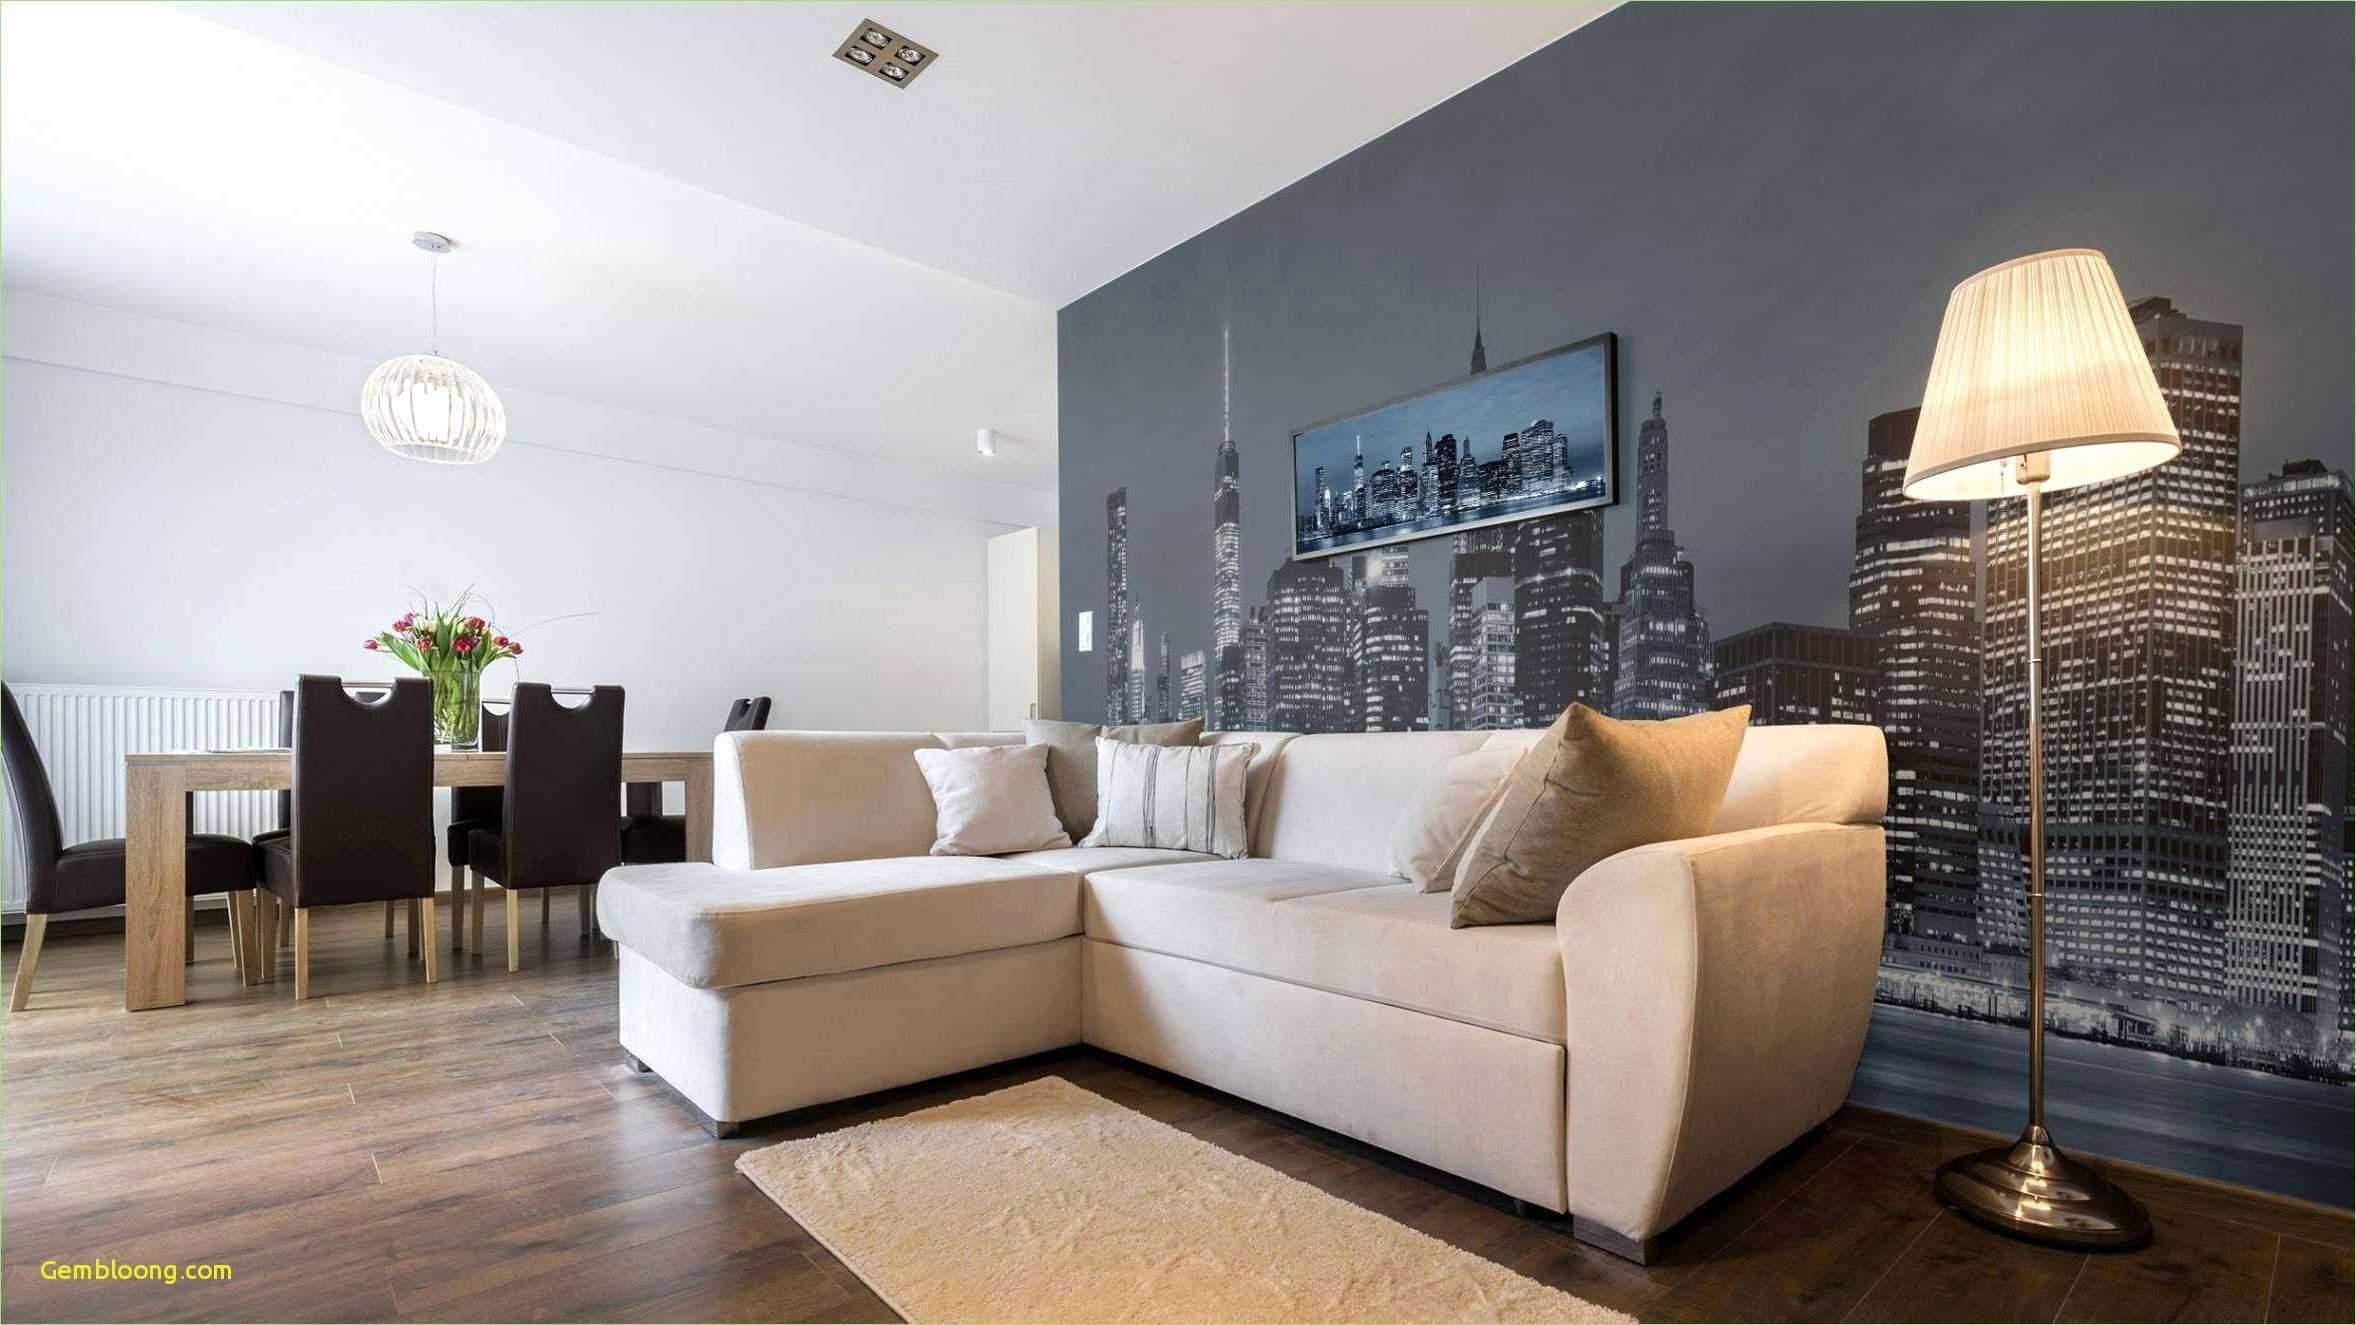 wohnzimmer deko online shop einzigartig 35 elegant wohnzimmer deko line shop elegant of wohnzimmer deko online shop